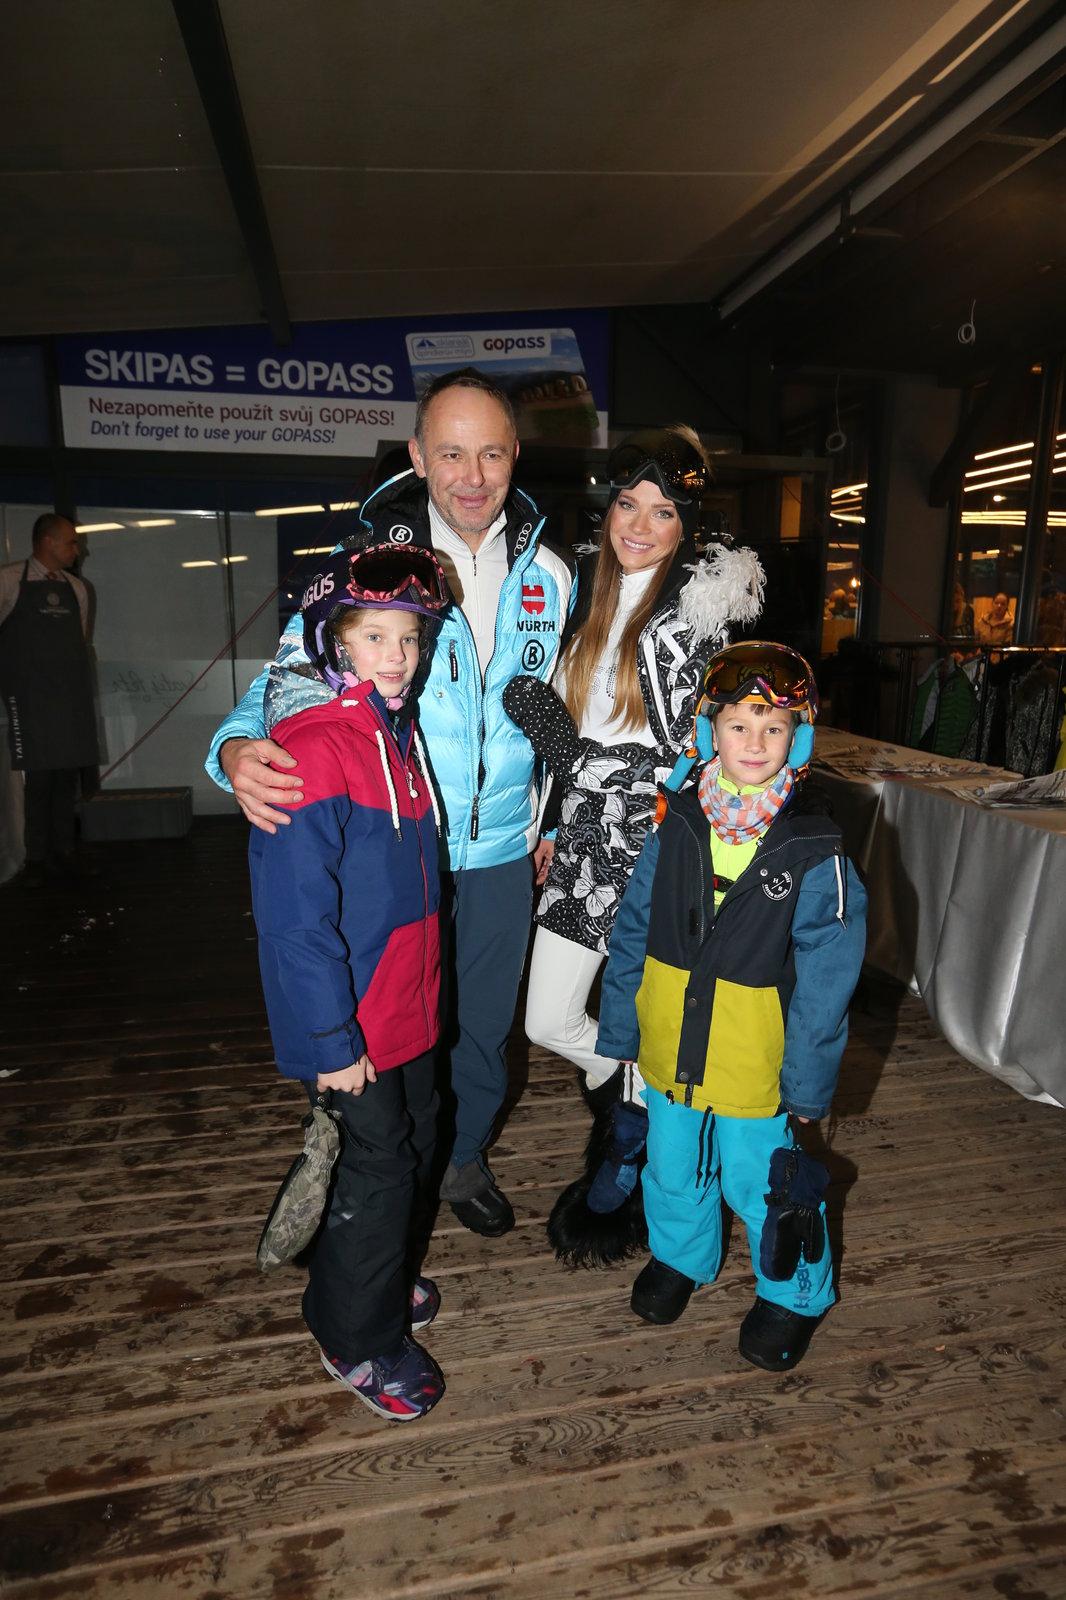 Andrea Verešová jezdí lyžovat s rodinou.